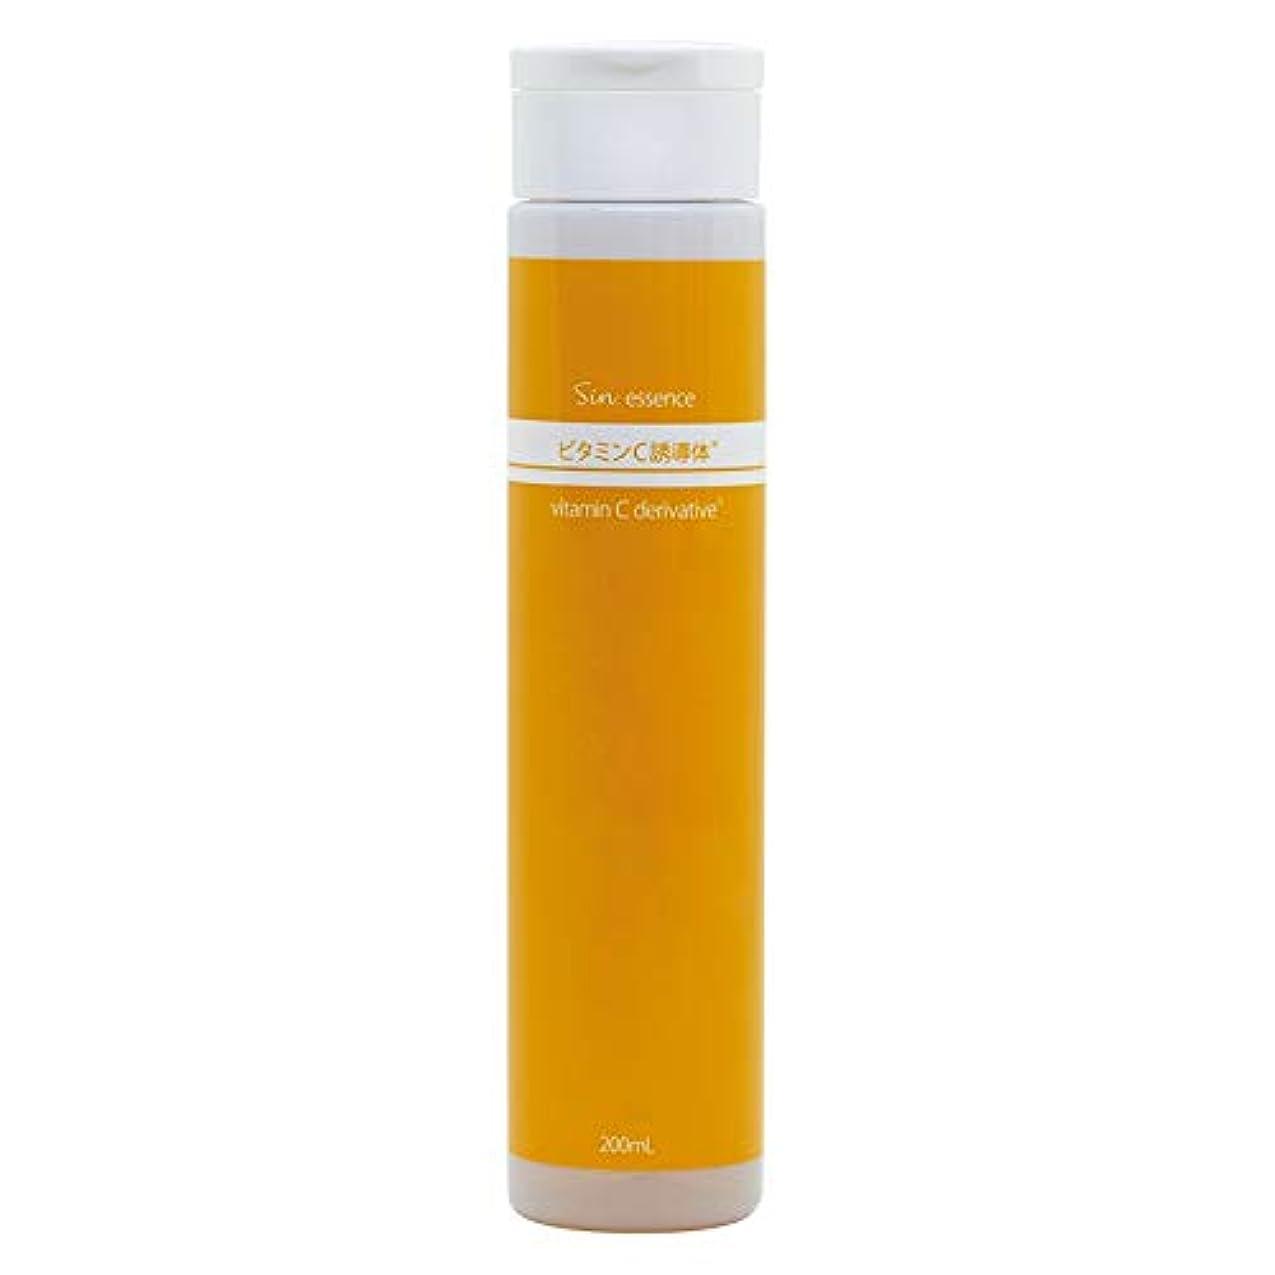 宝石タイプ支援ビタミンC誘導体配合美容液 200mL